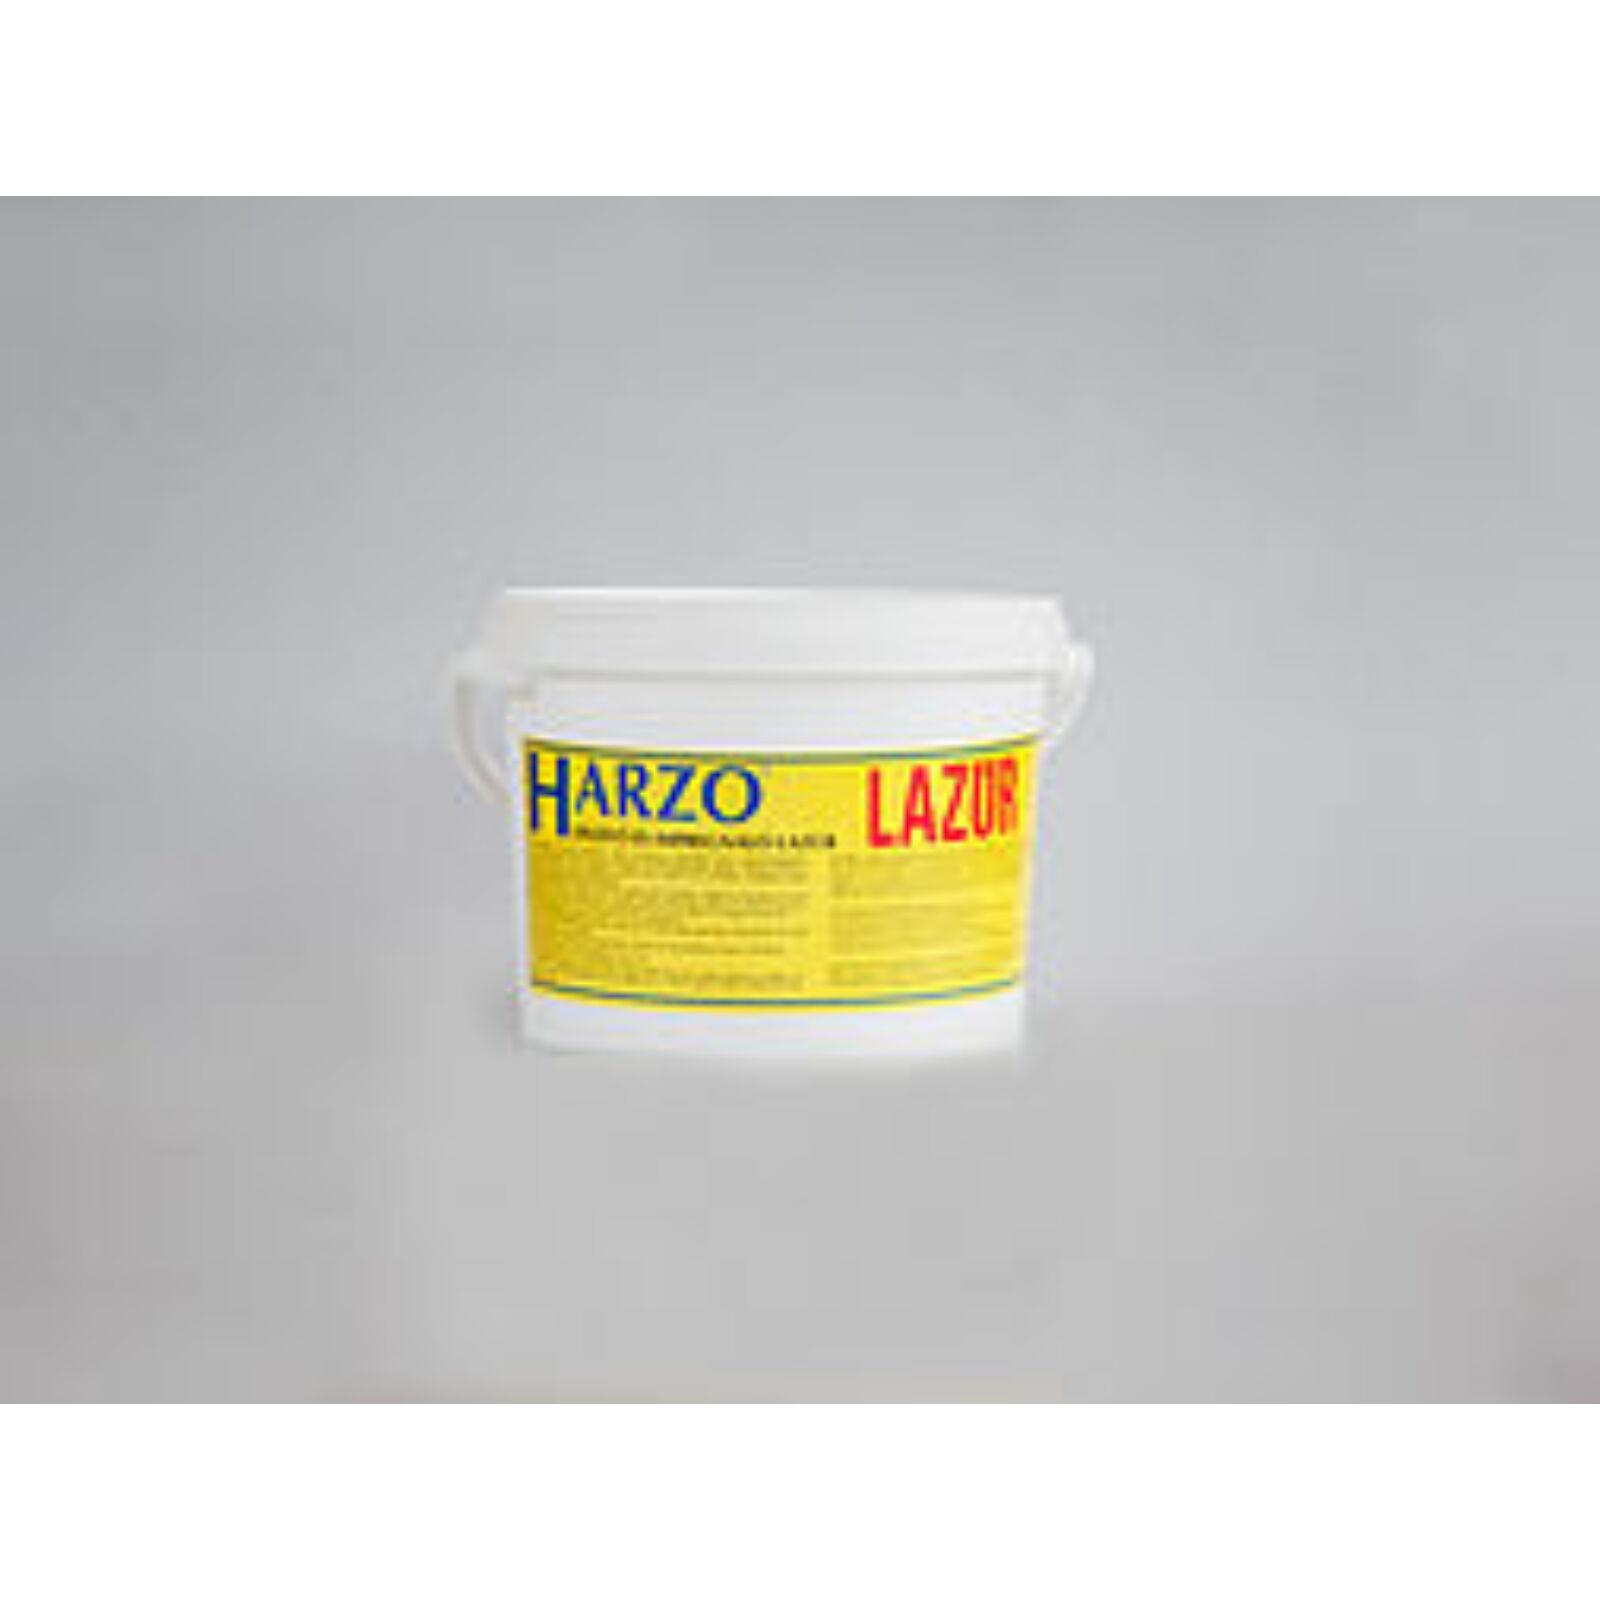 HARZO-Fallazúr imp. és díszítőanyag [2 l]